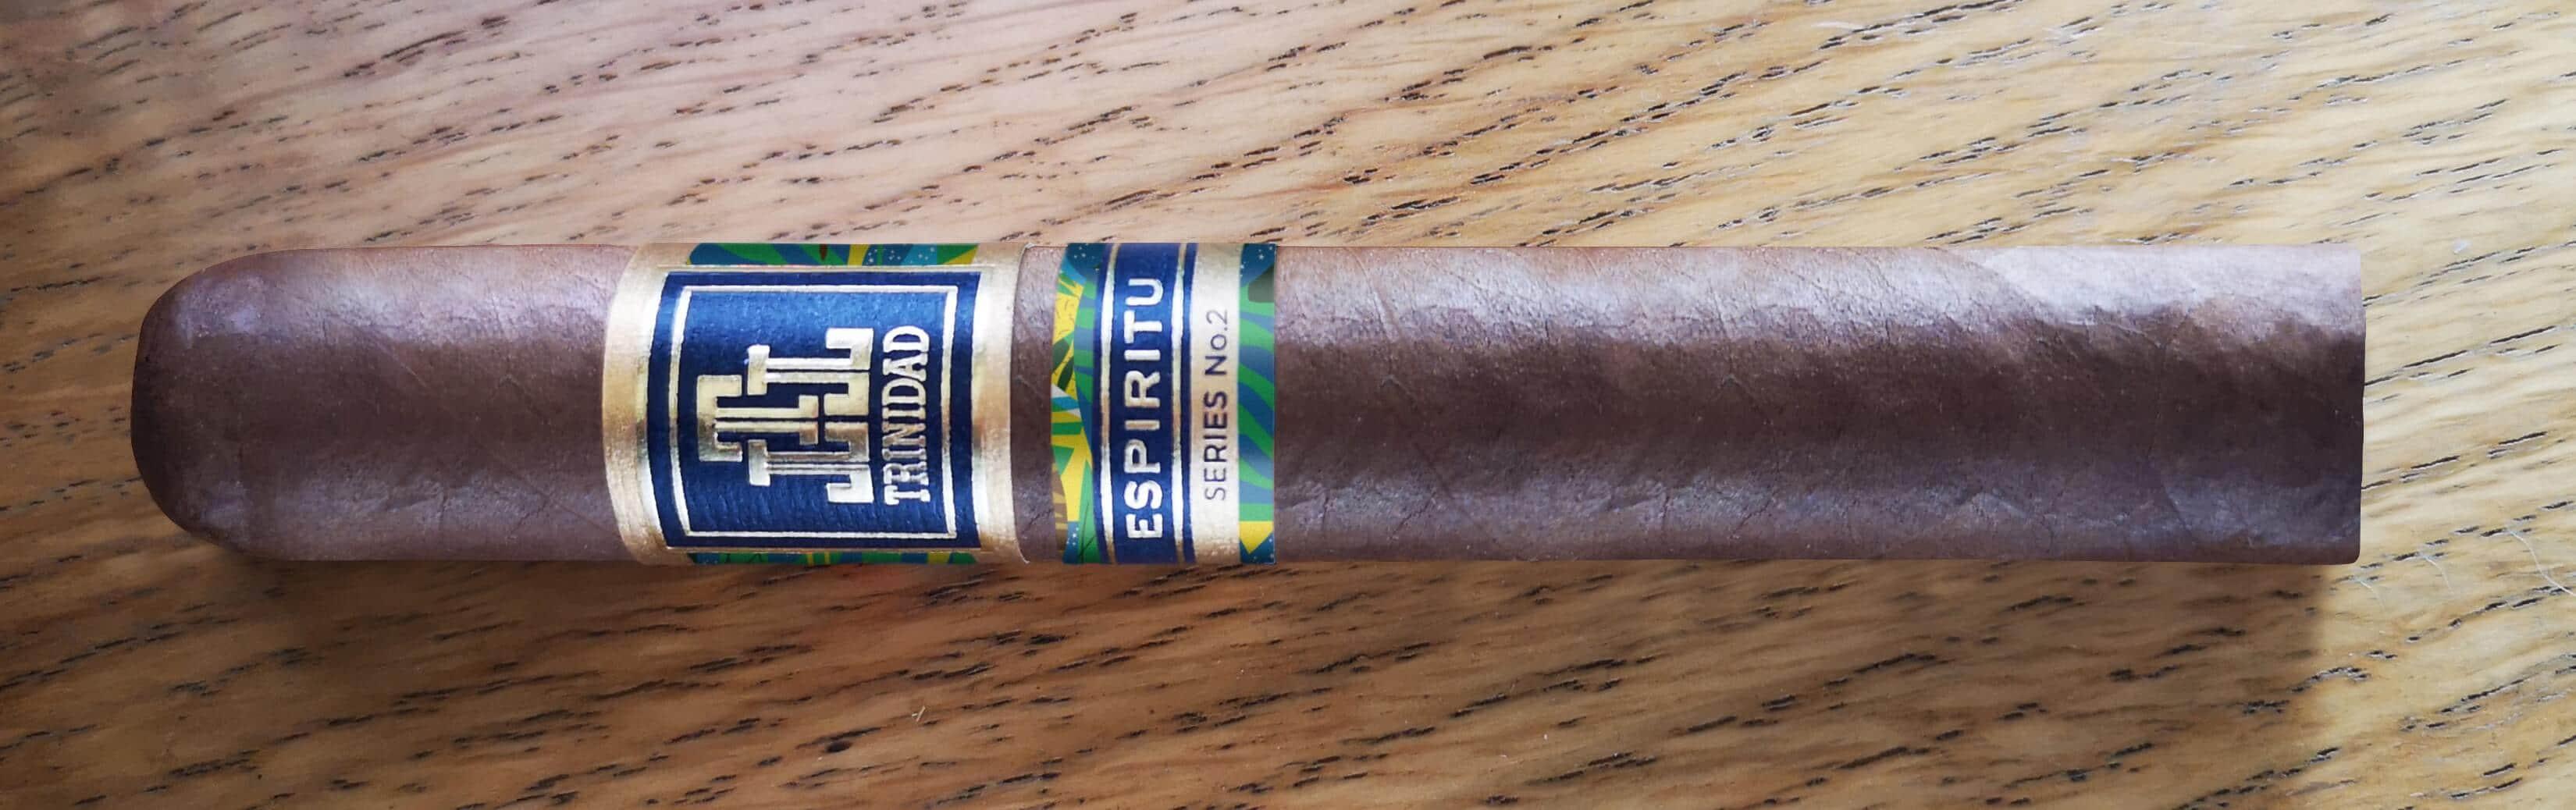 Cigar News: Altadis U.S.A. Announces Trinidad Espiritu Series No. 2